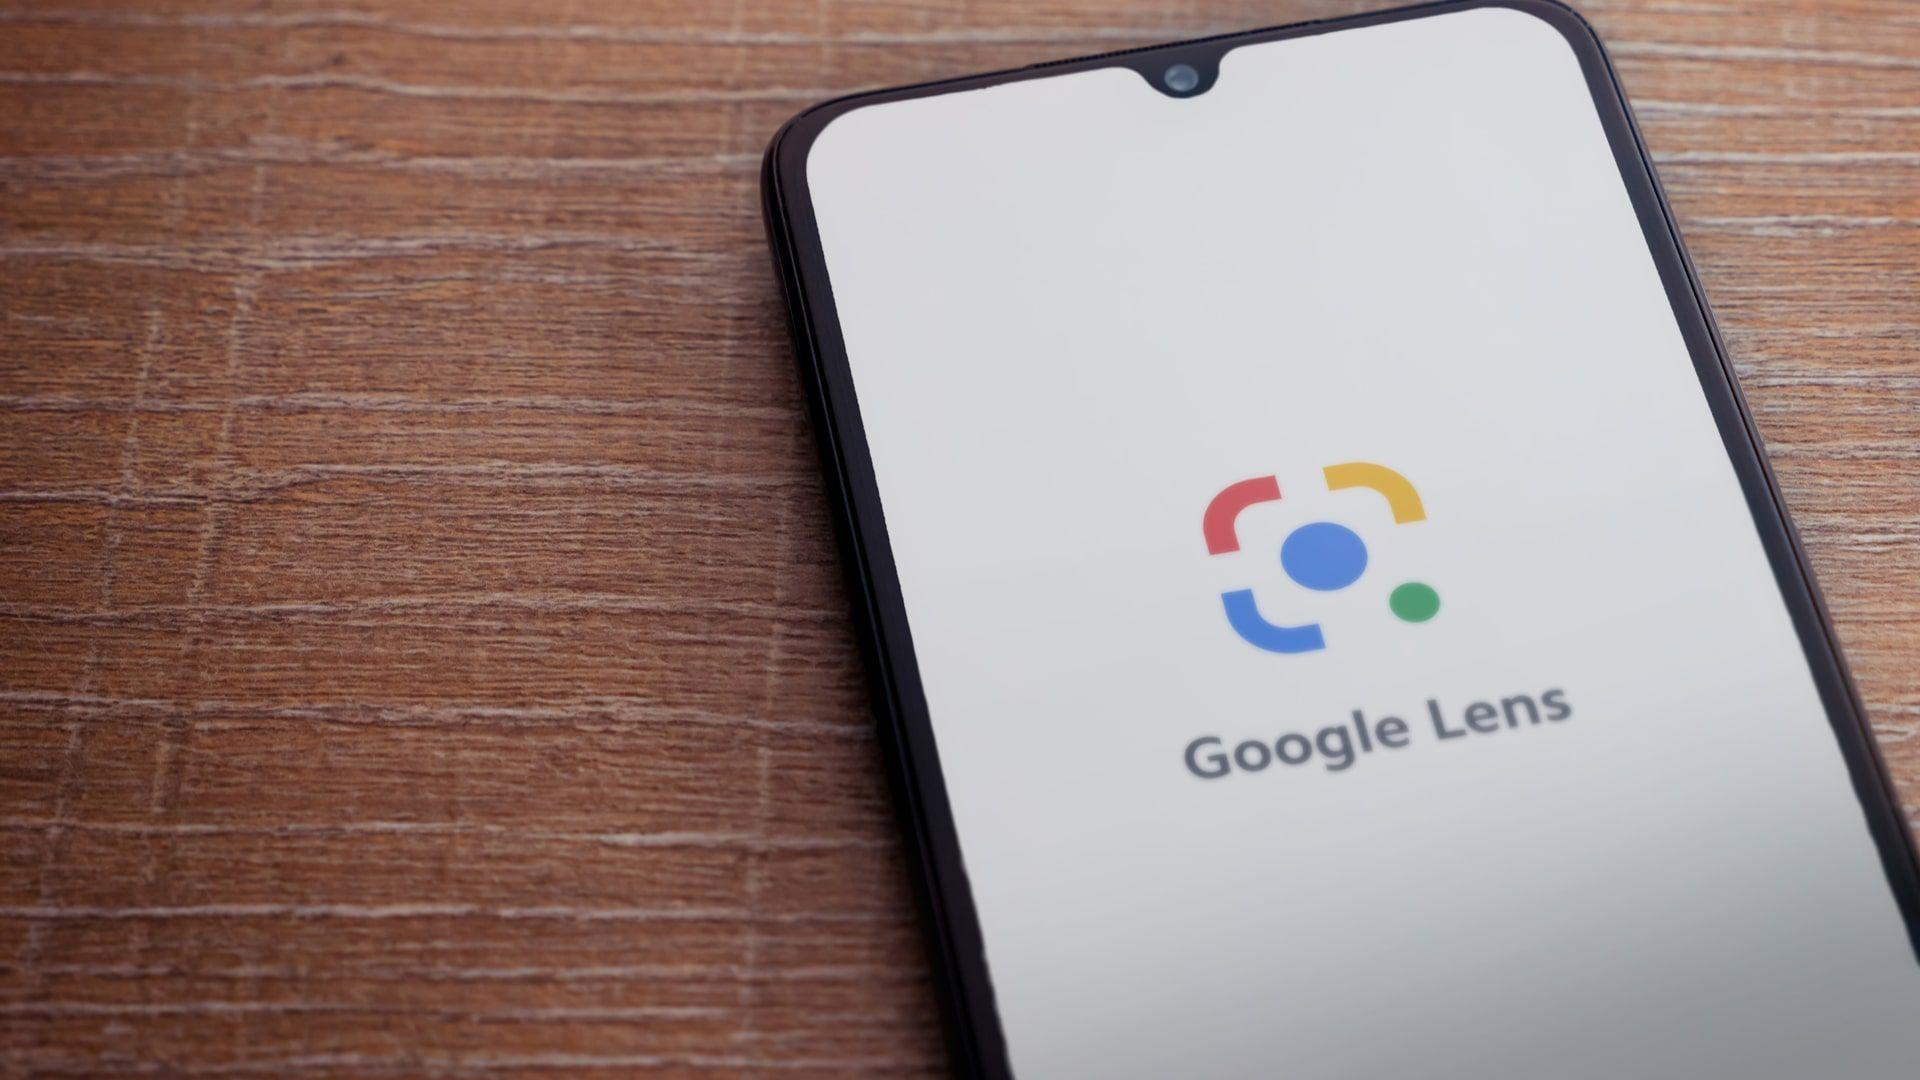 O que é Google Lens? Conheça o app de reconhecimento de imagens do Google (Foto: Shutterstock)